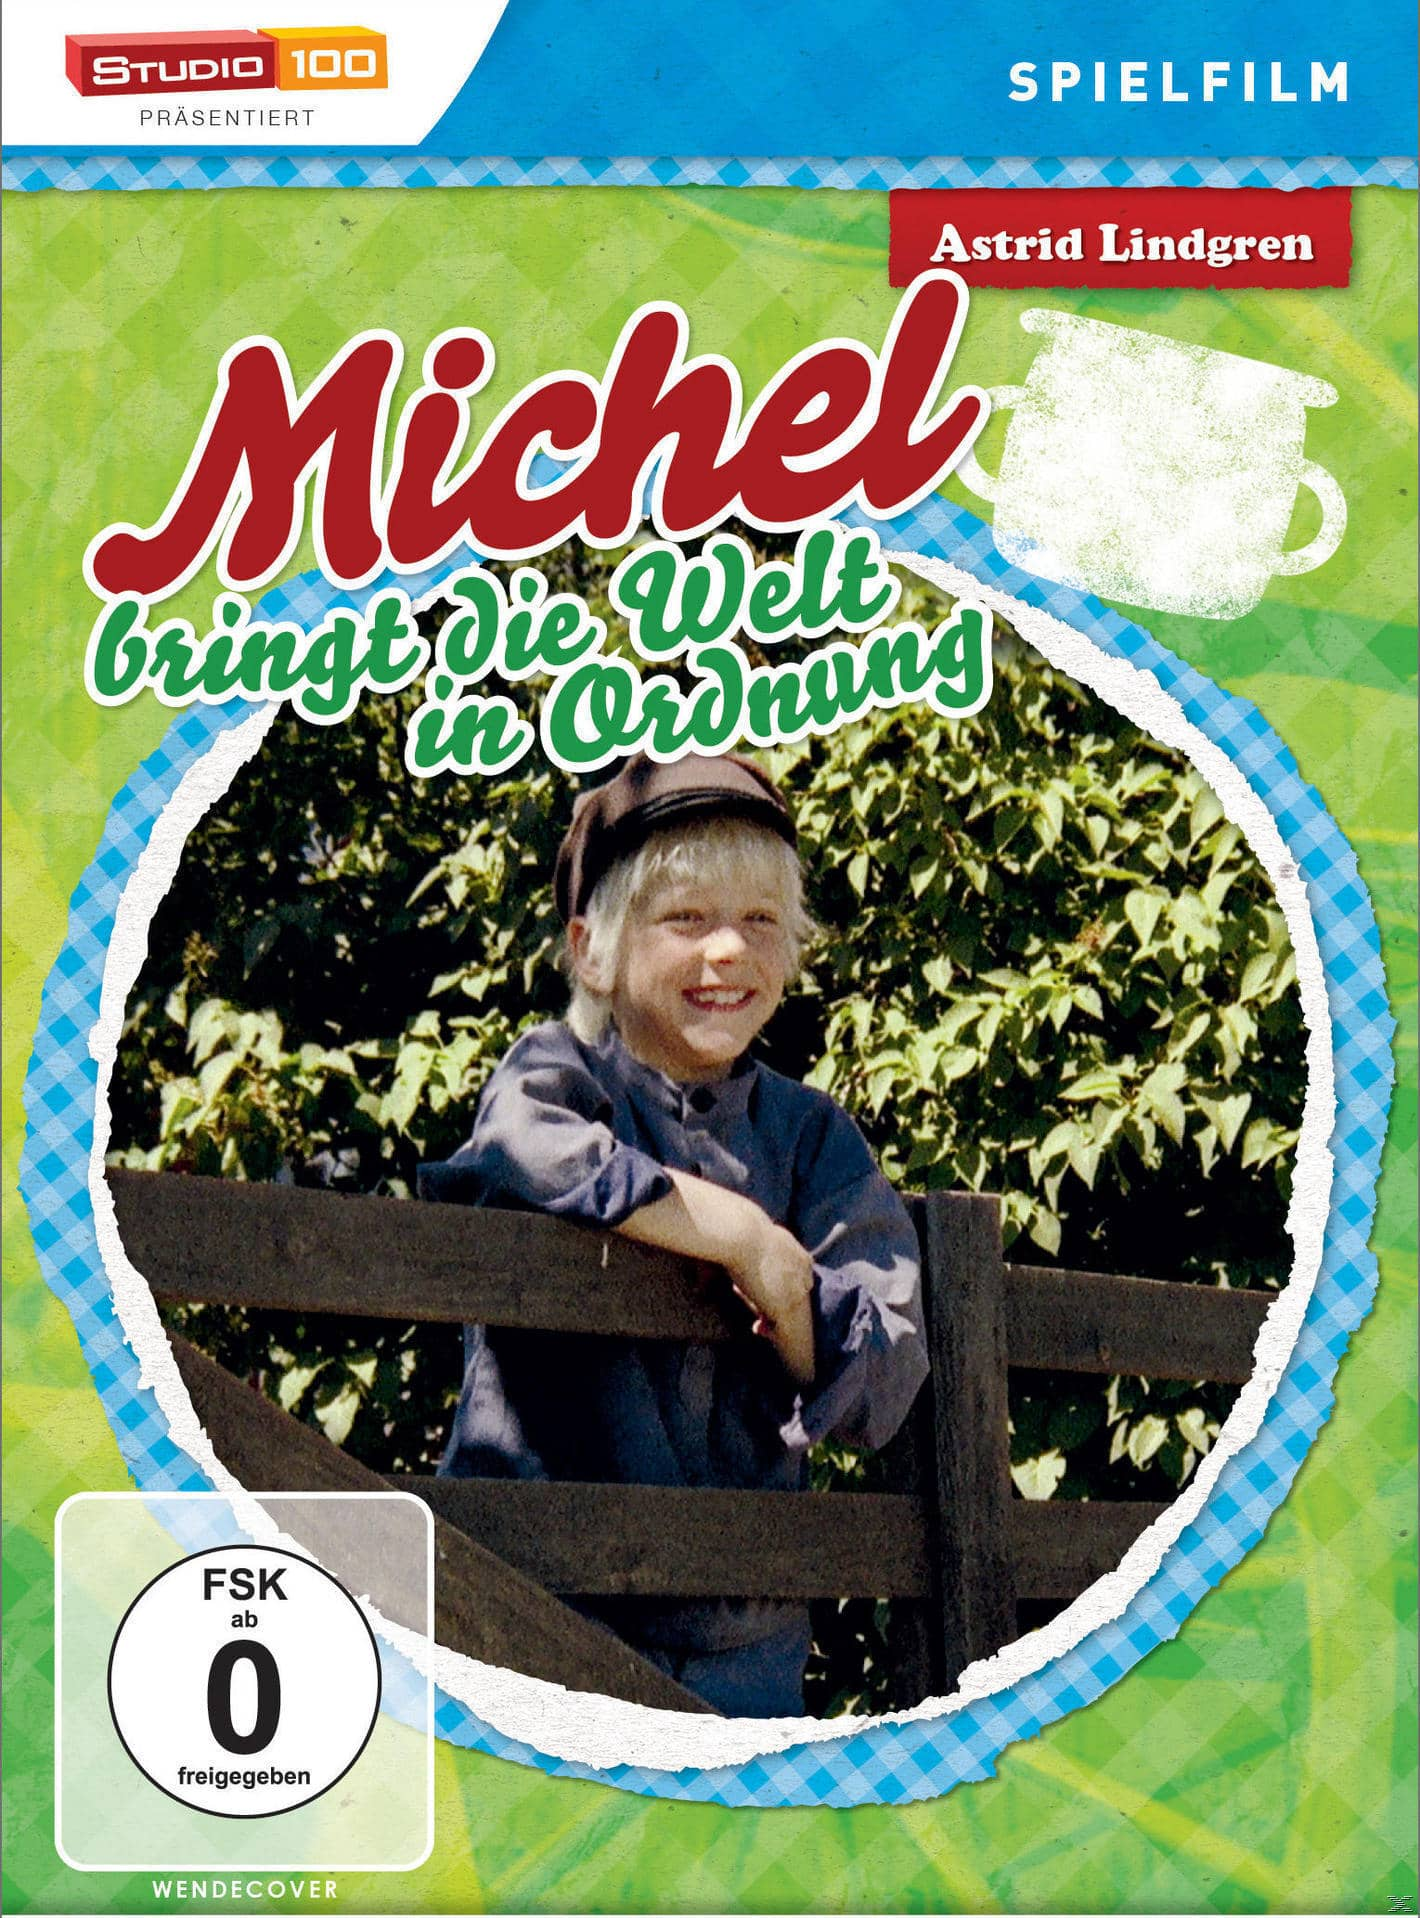 Michel bringt die Welt in Ordnung (DVD) für 9,99 Euro